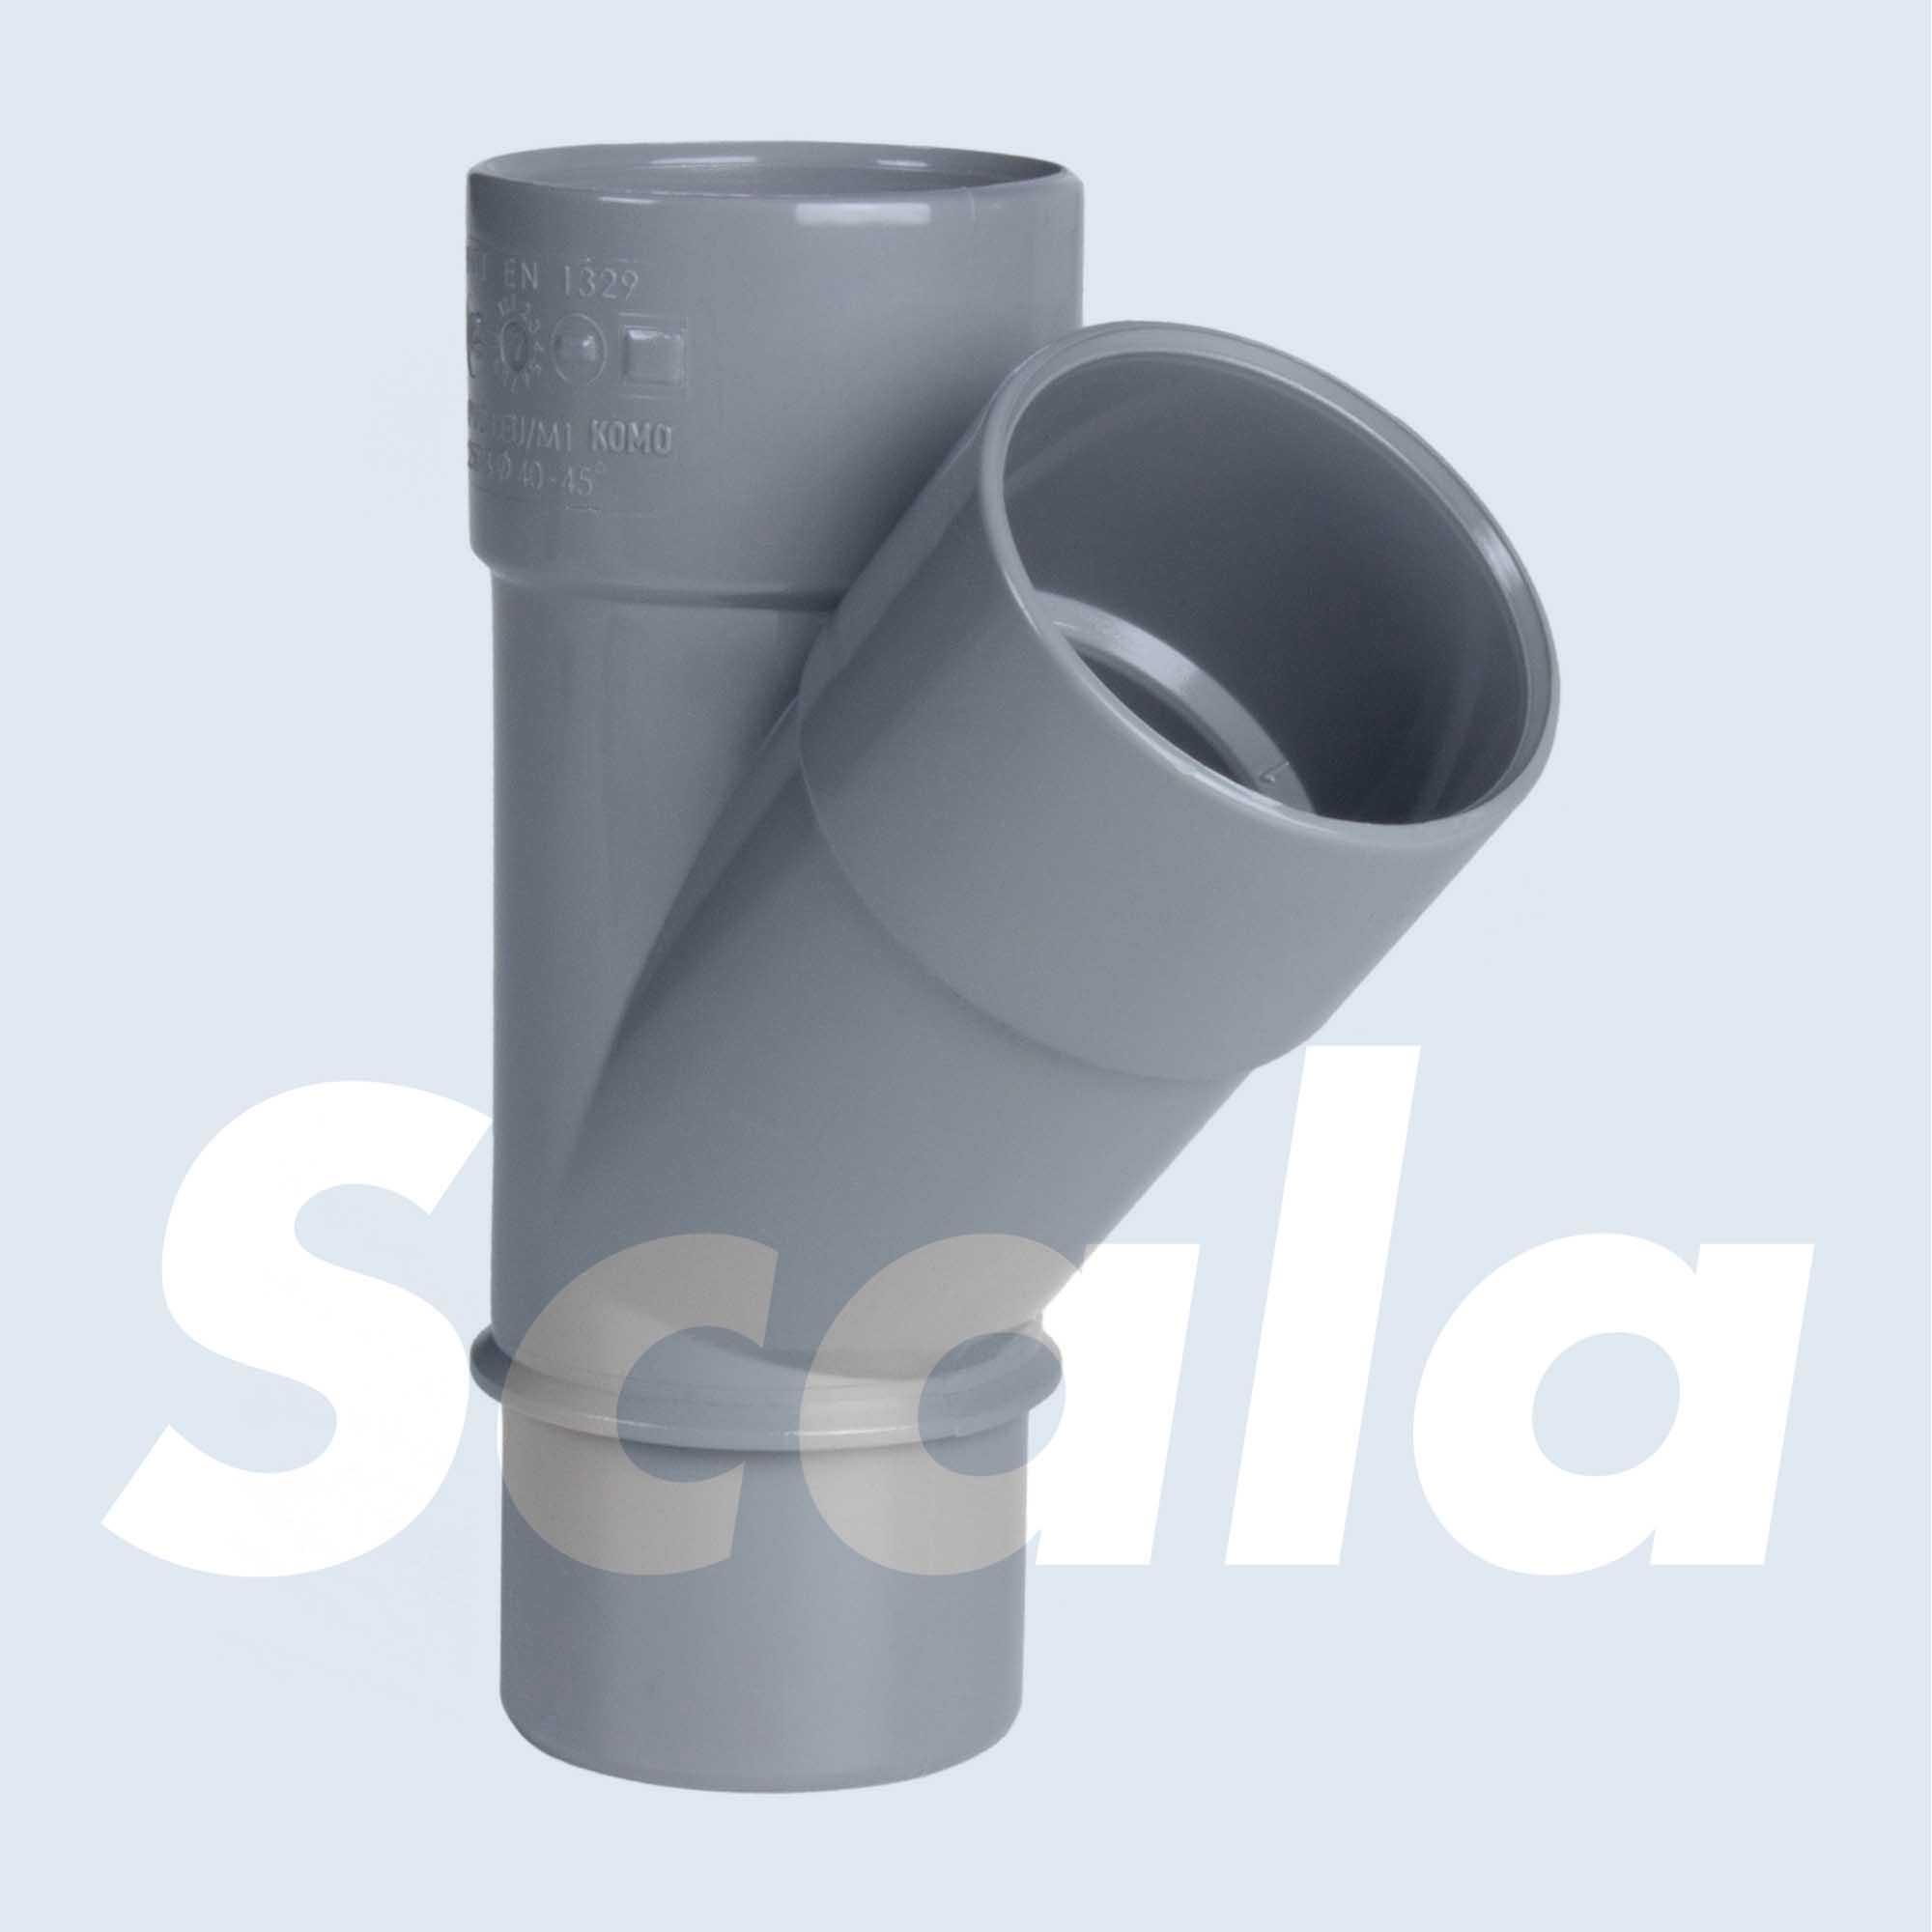 SAN. T-ST. SG DIA 40-45' M/F